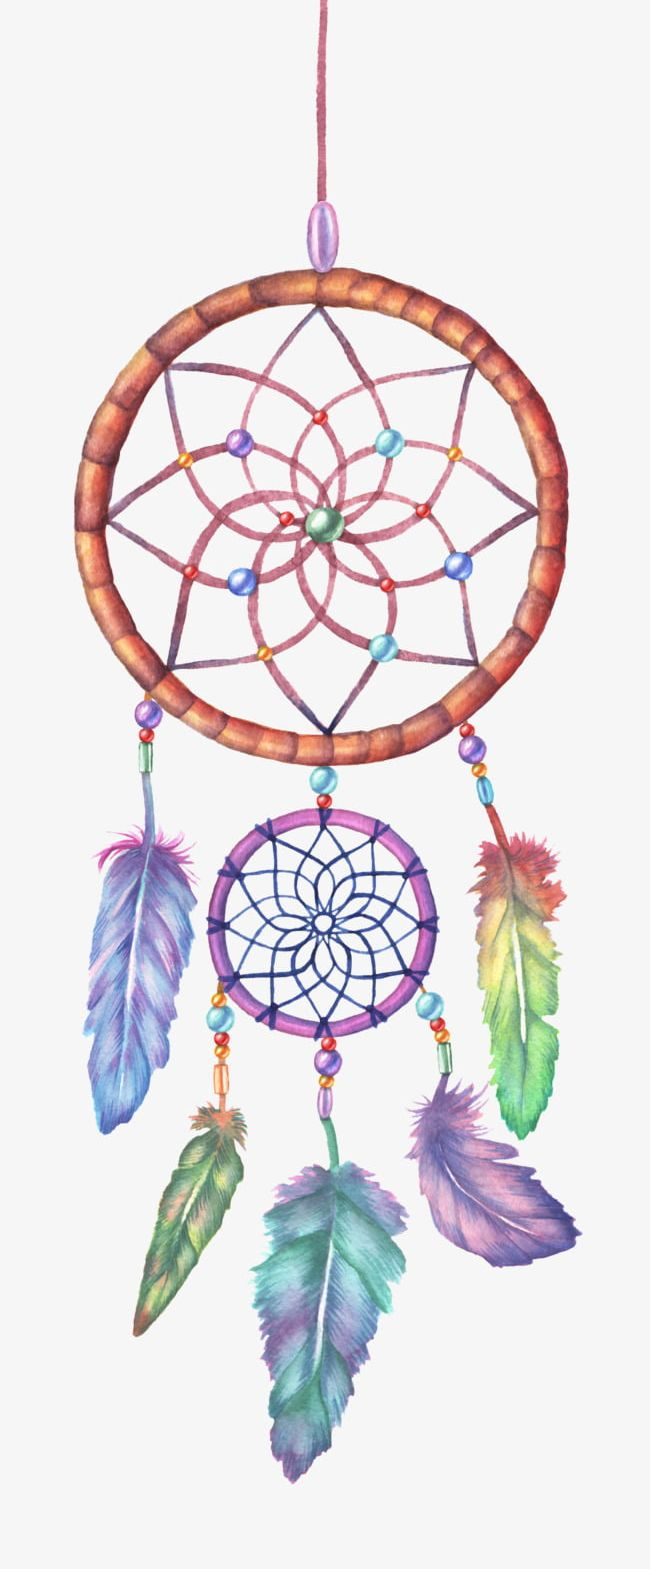 color dreamcatcher png clipart